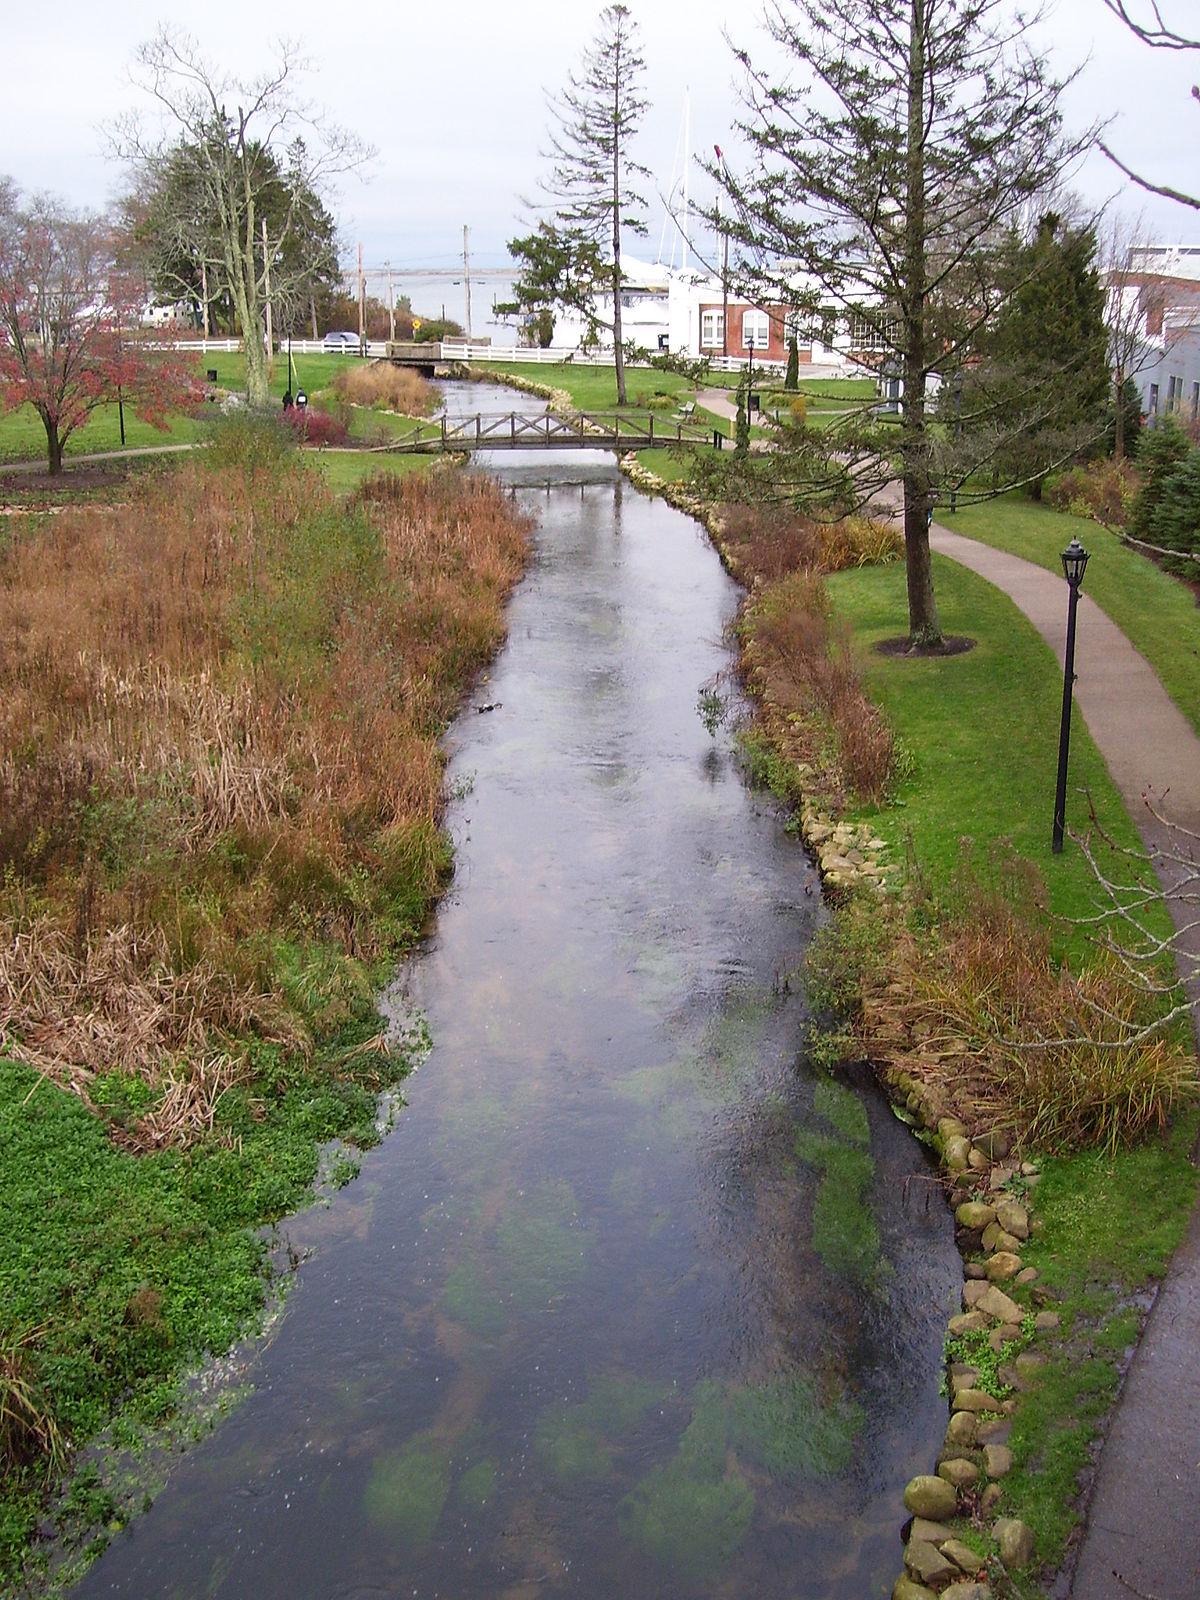 Town Brook Massachusetts  Wikipedia